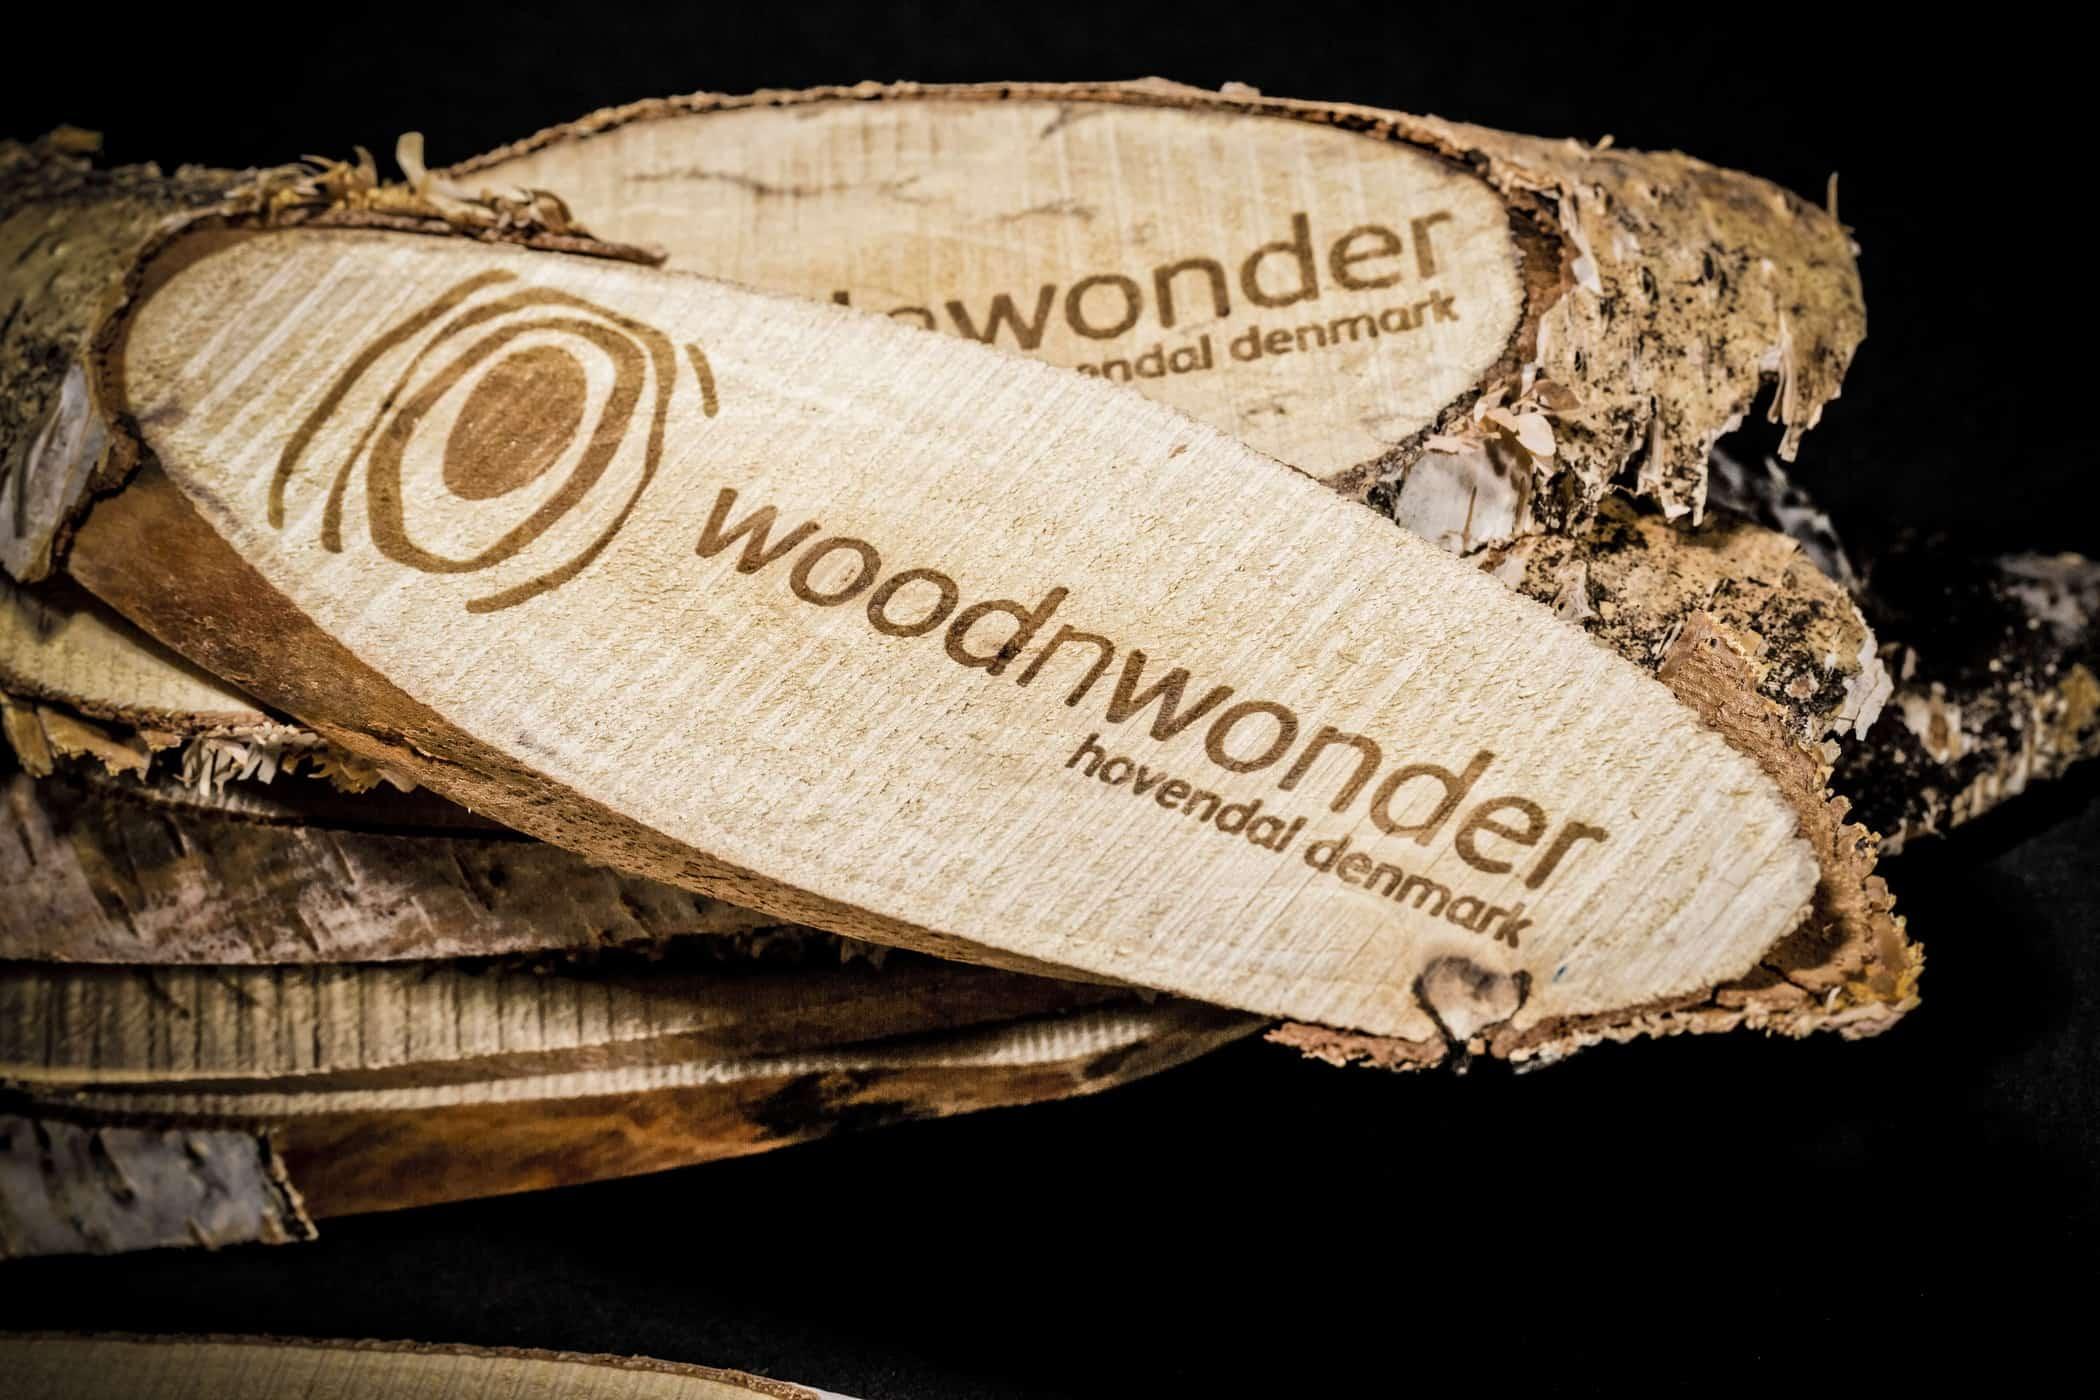 woodnwonders visitkort har givet inspiration til temaet